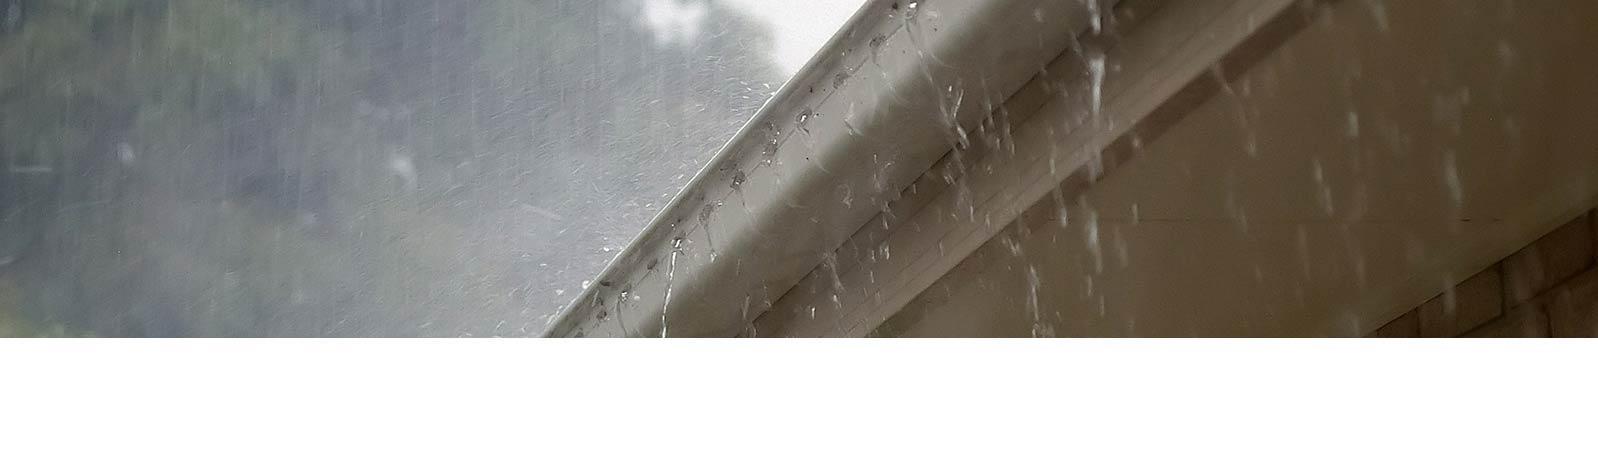 calgary roof leak repair